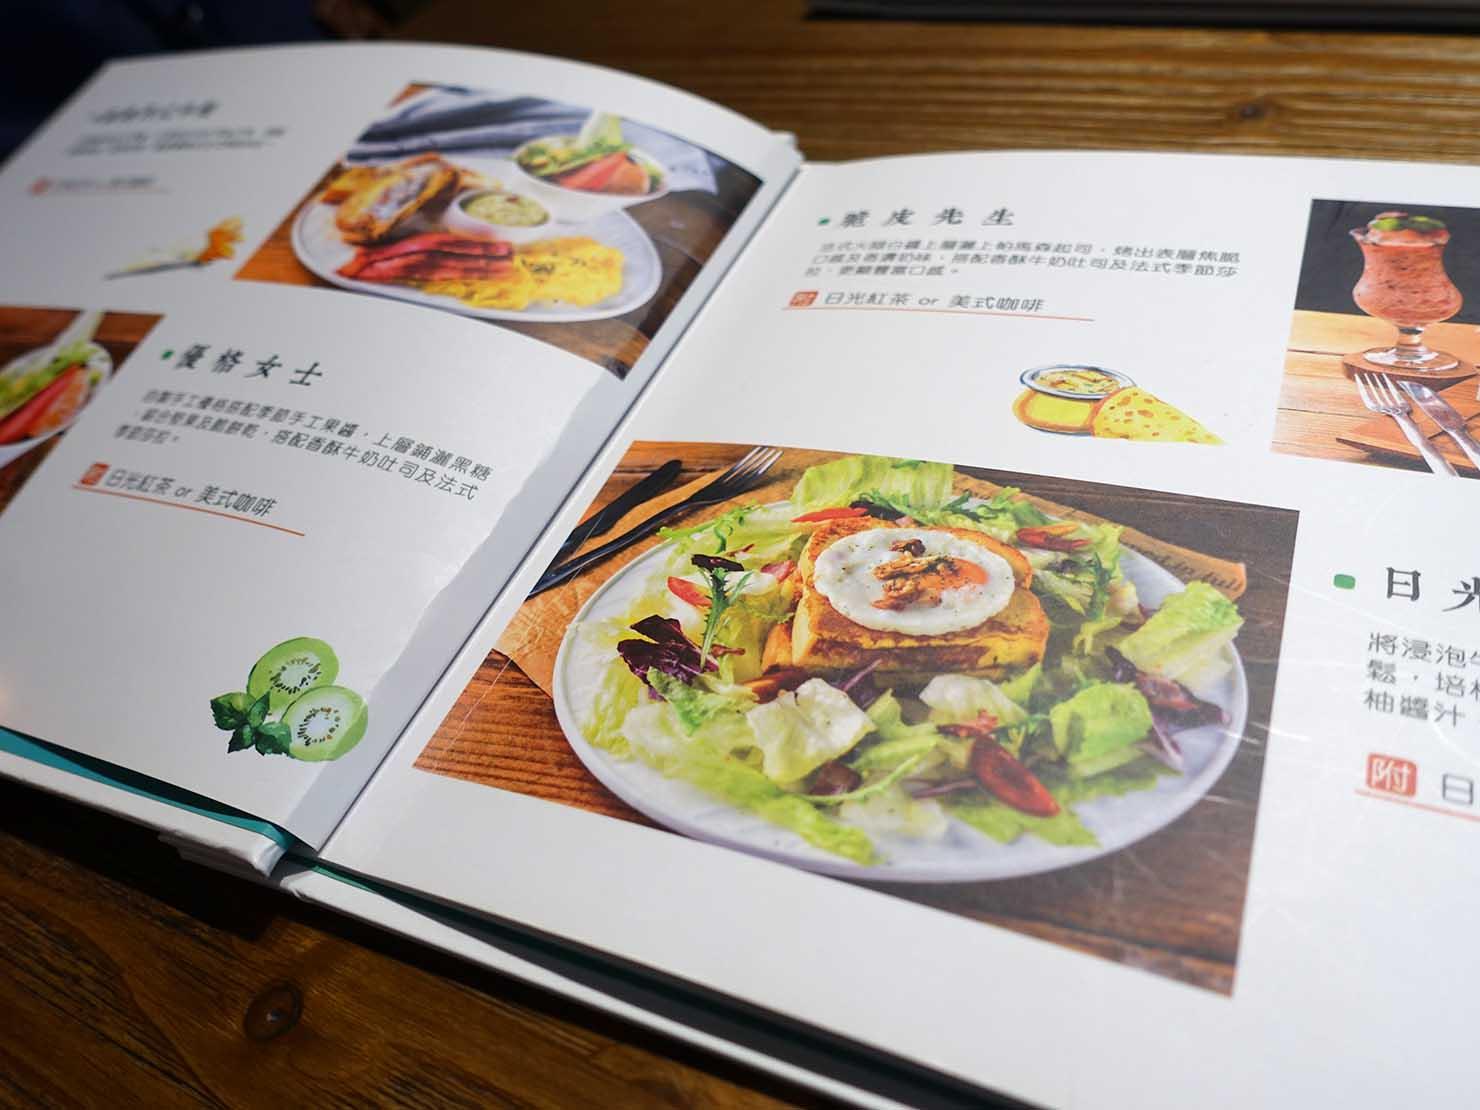 台南駅徒歩10分のかわいいデザインホテル「南方家屋 Old School」の朝ごはんメニュー